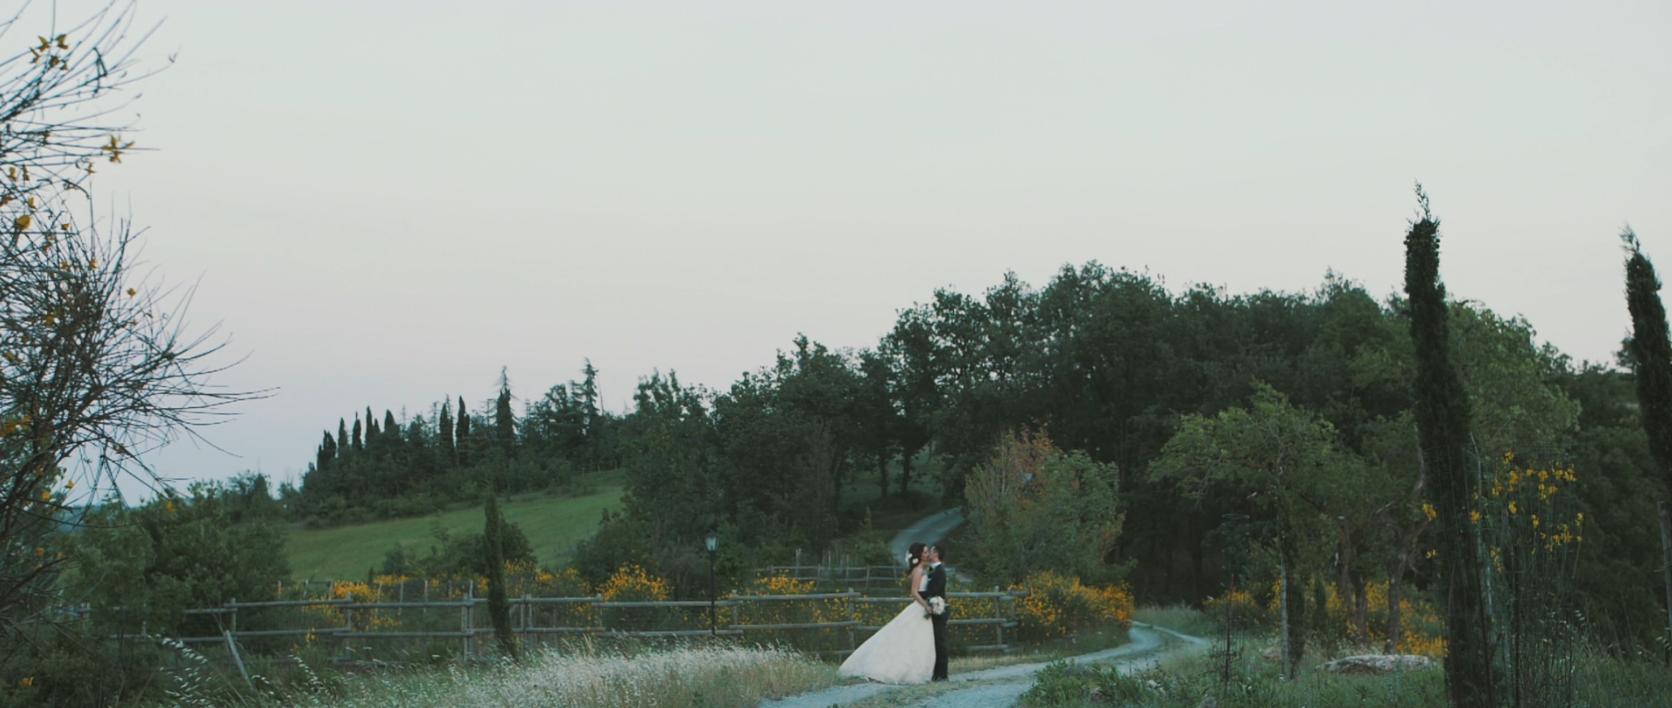 Il matrimonio di Alessandro e Elena a Brescello, Reggio Emilia